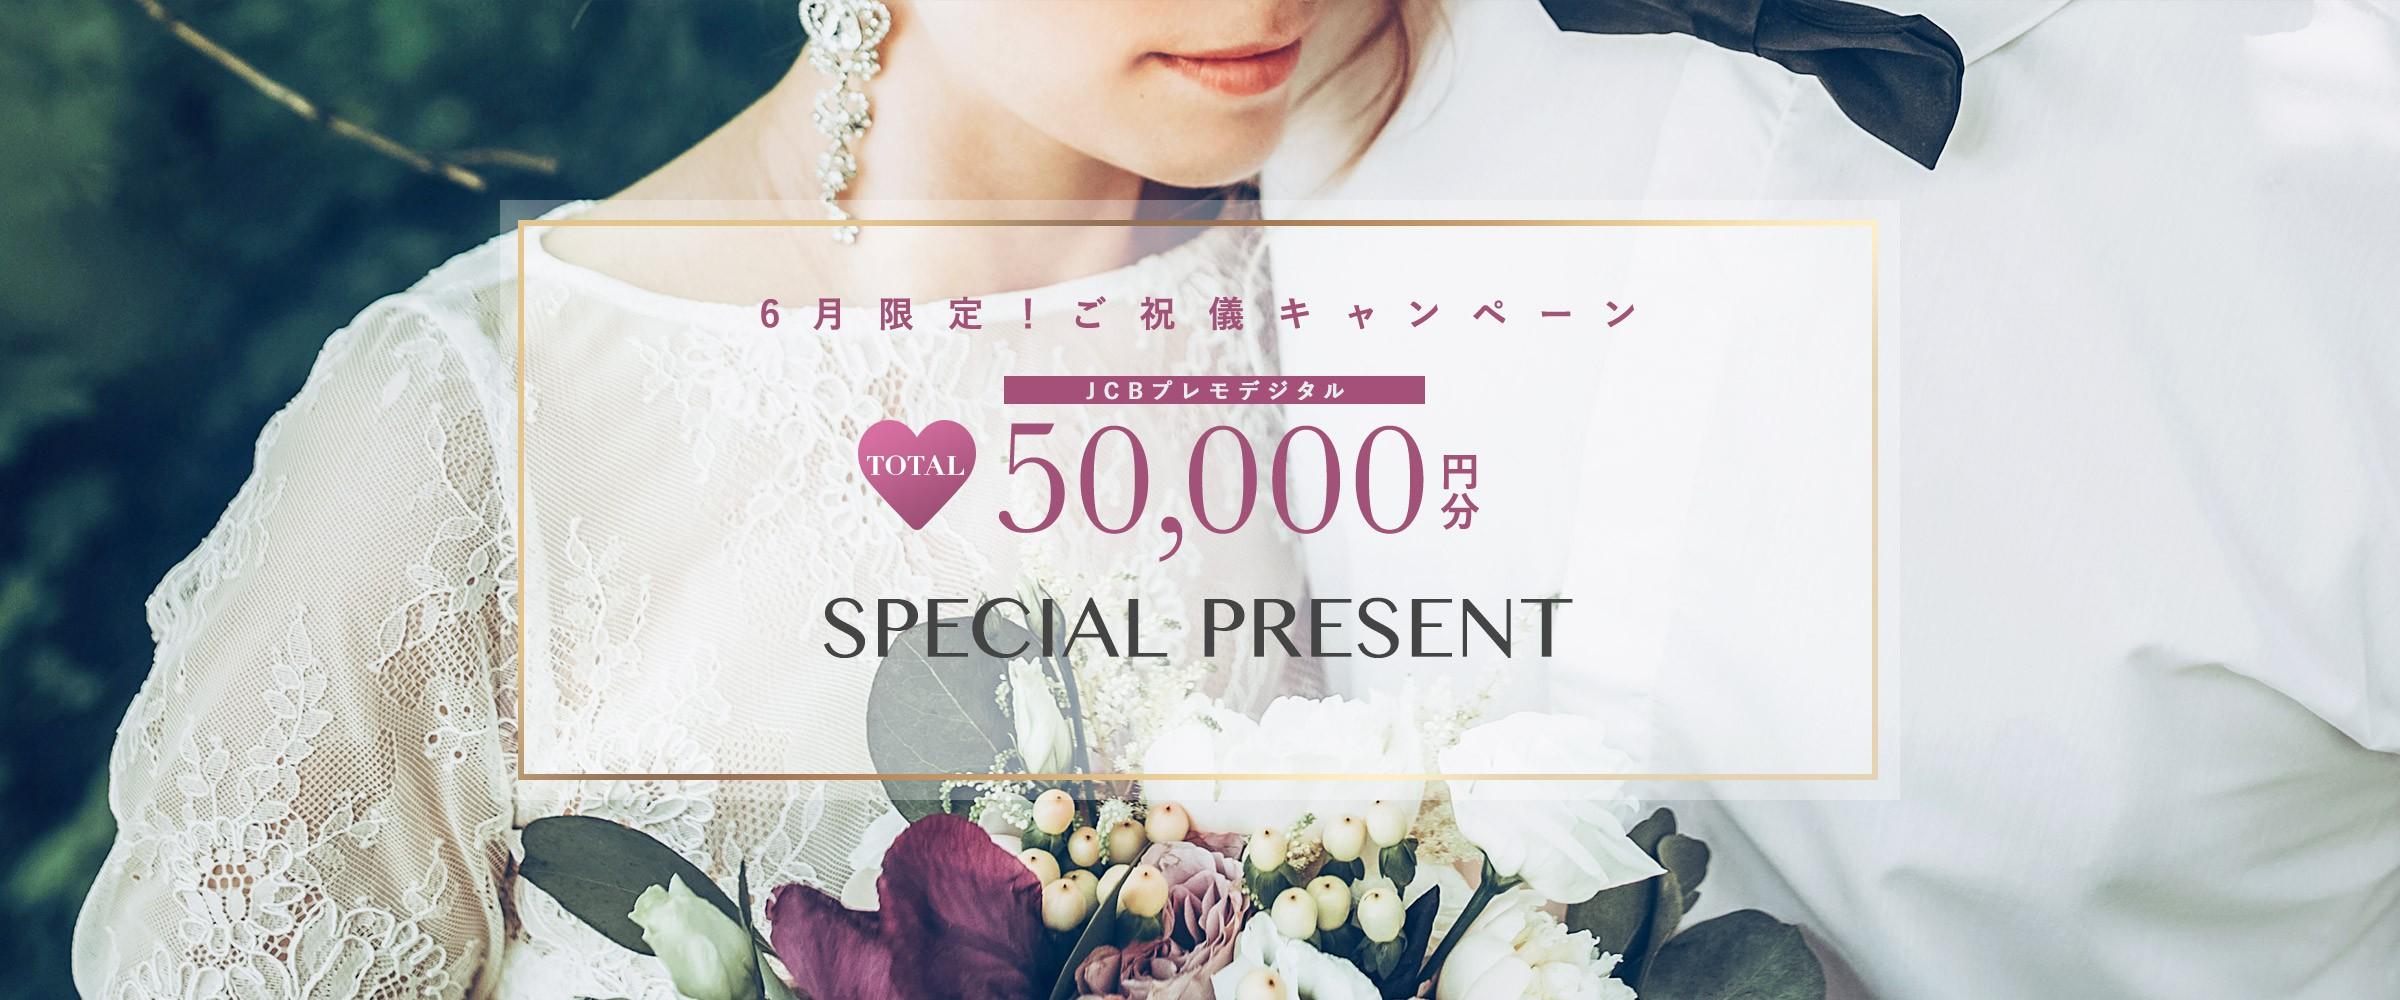 6月限定!ご祝儀キャンペーン最大50,000分JCBプレモデジタルSPECIAL PRESENT